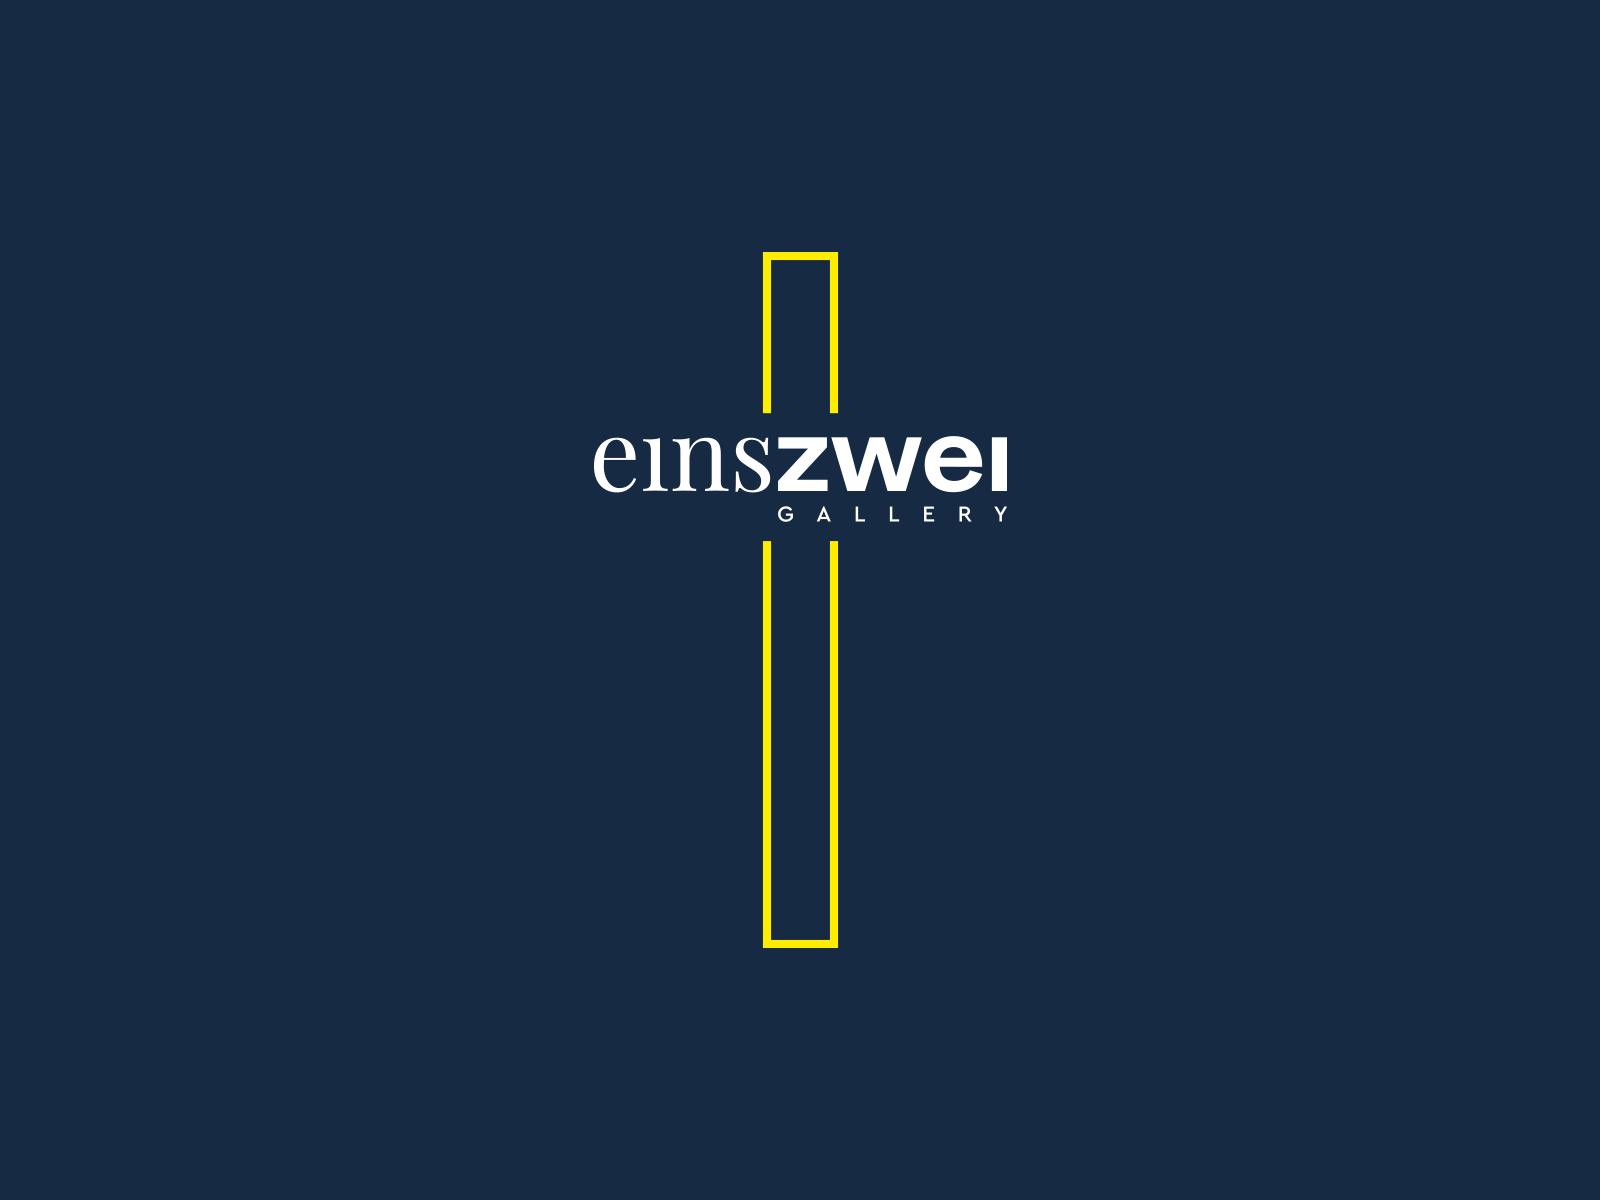 EinsZwei Gallery Logotype